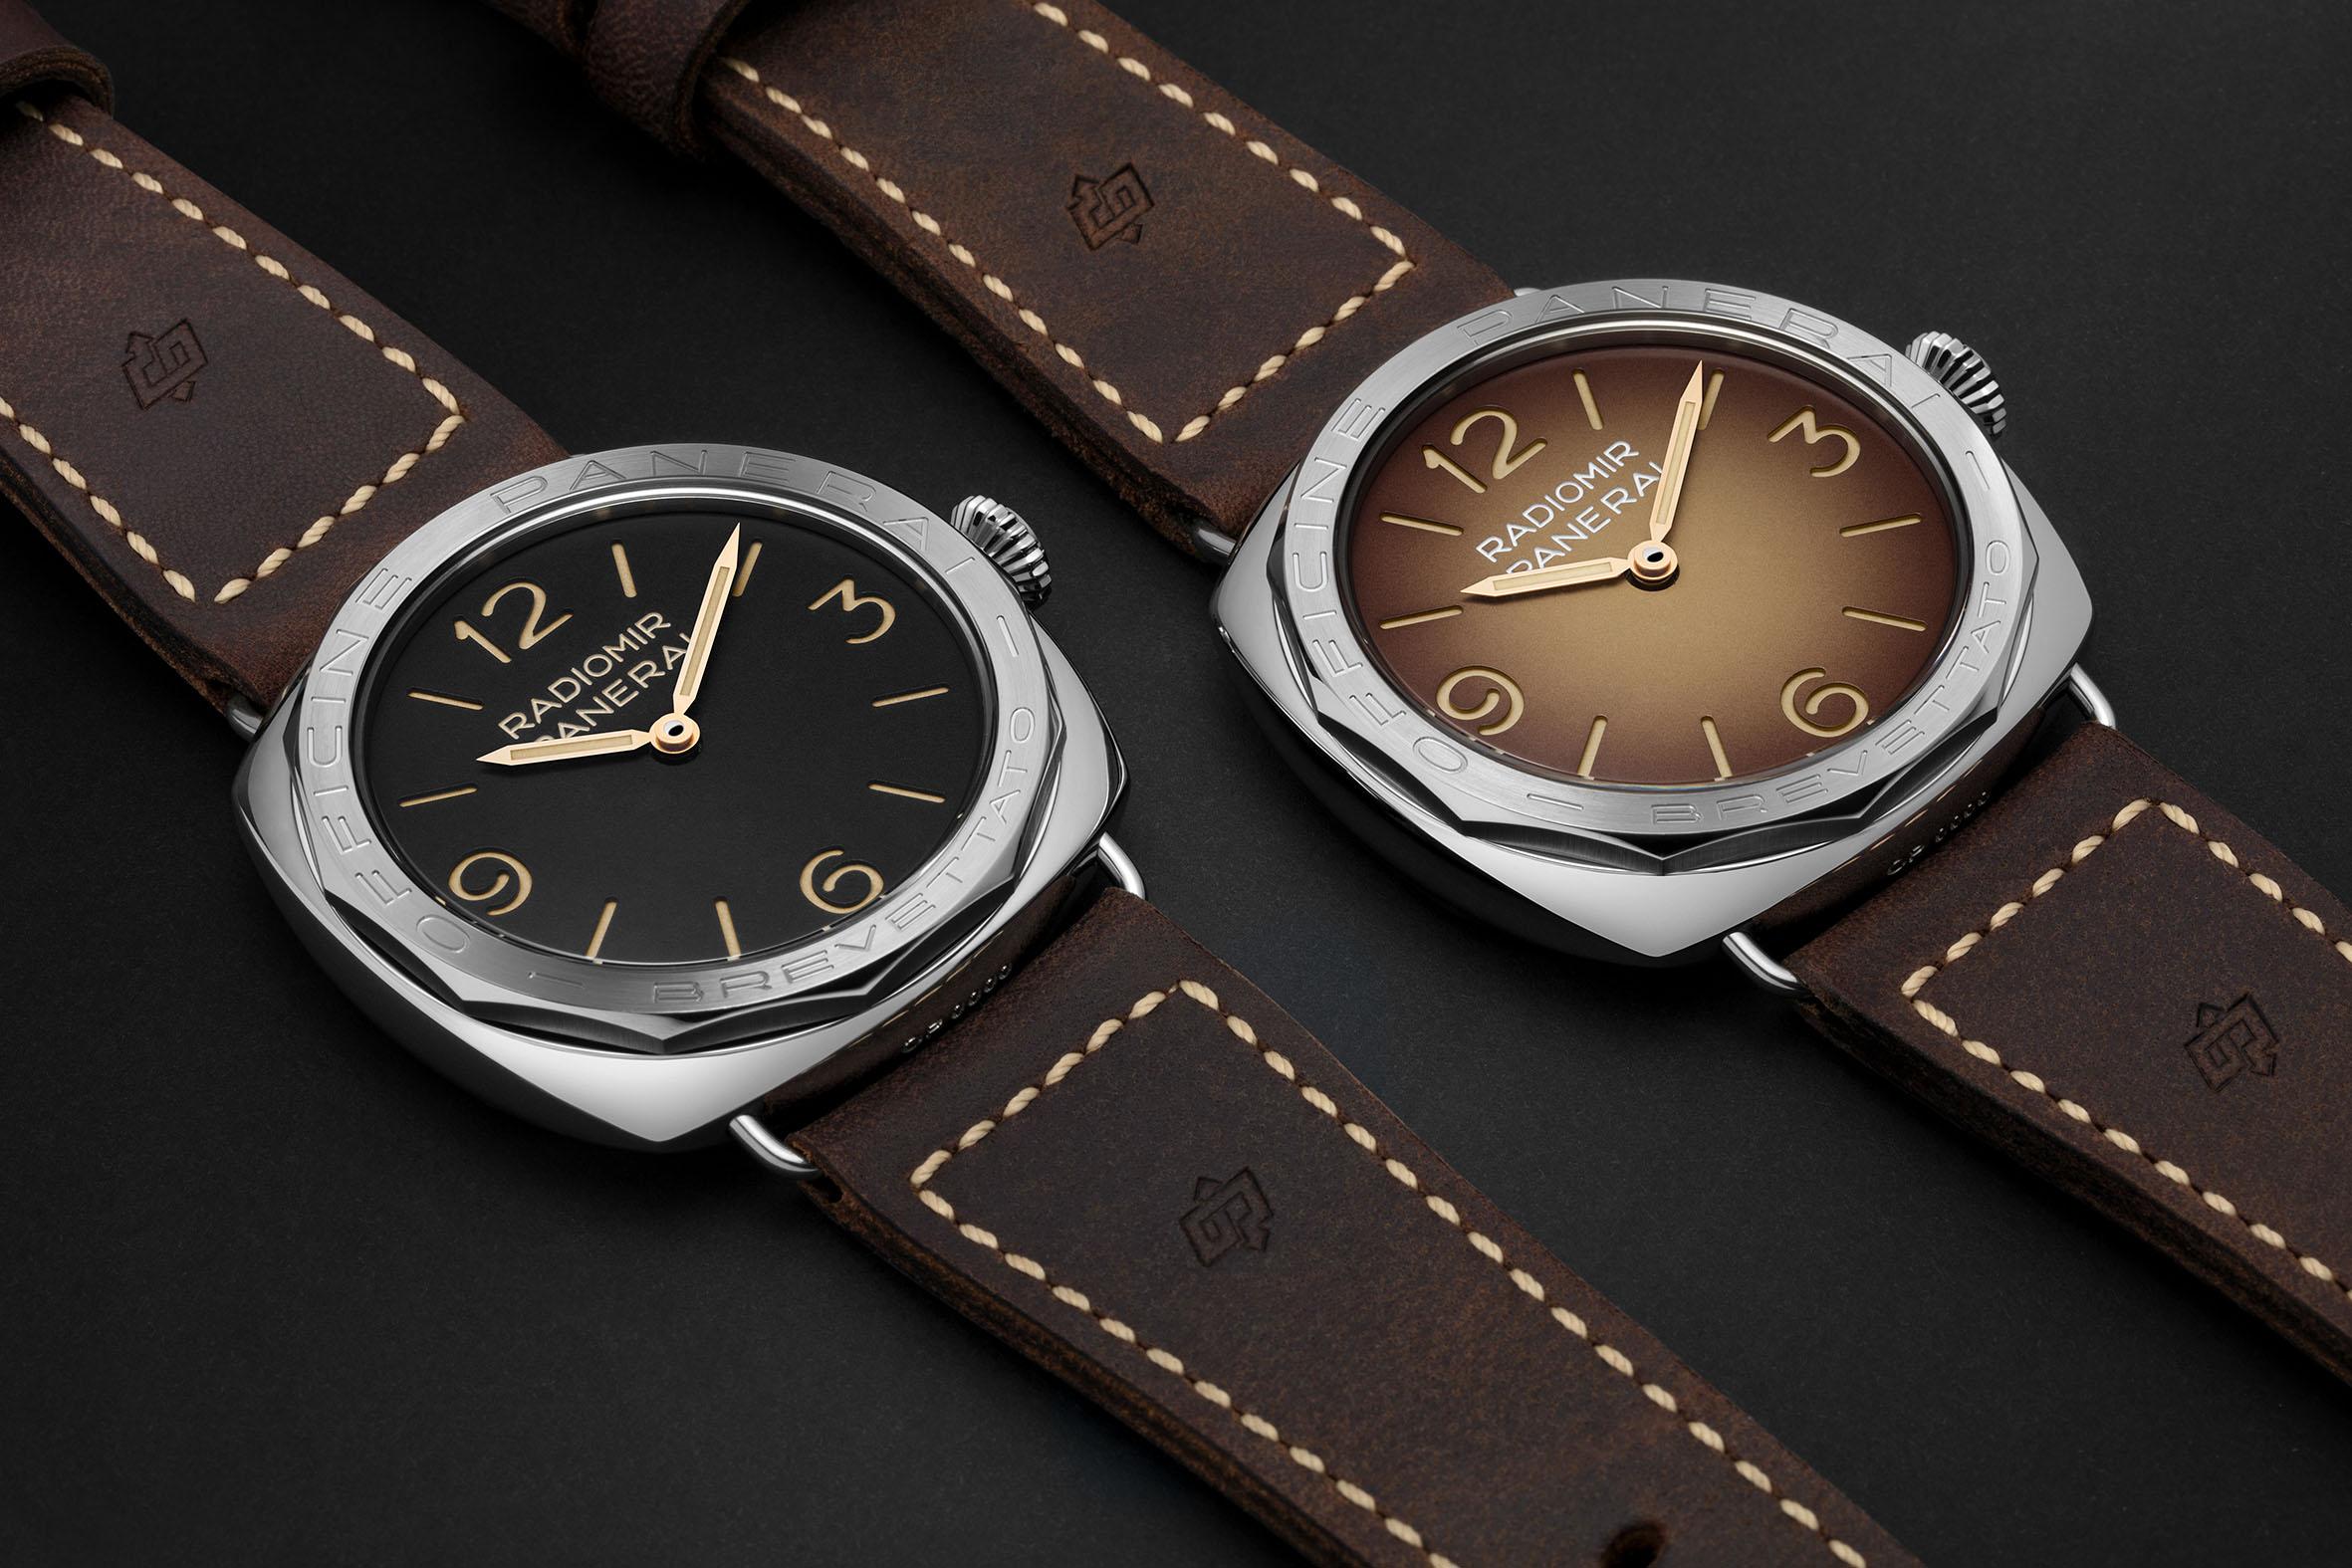 d297368a513 Office Panerai. A Office Panerai apresentou dois novos modelos de relógios  para o Salão Internacional de Alta Relojoaria ...